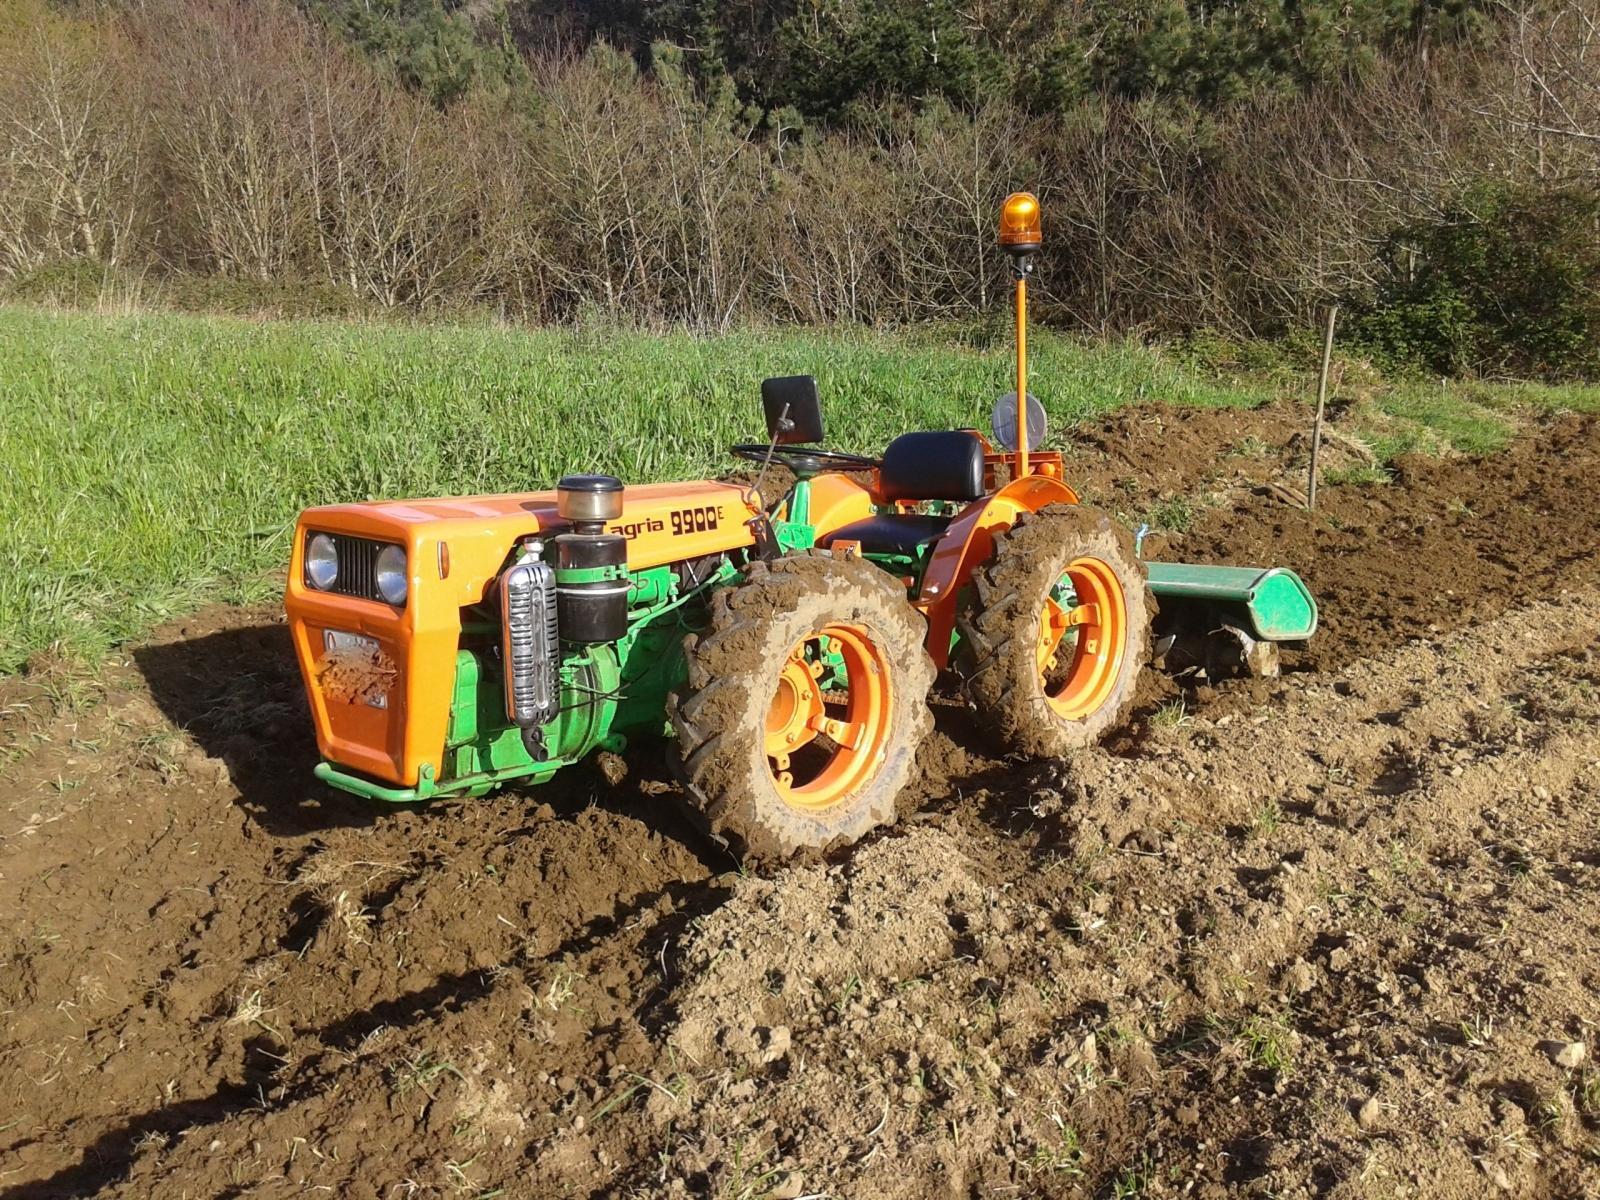 Fotos de agria 9900 E Y dumper Ausa Abr21v